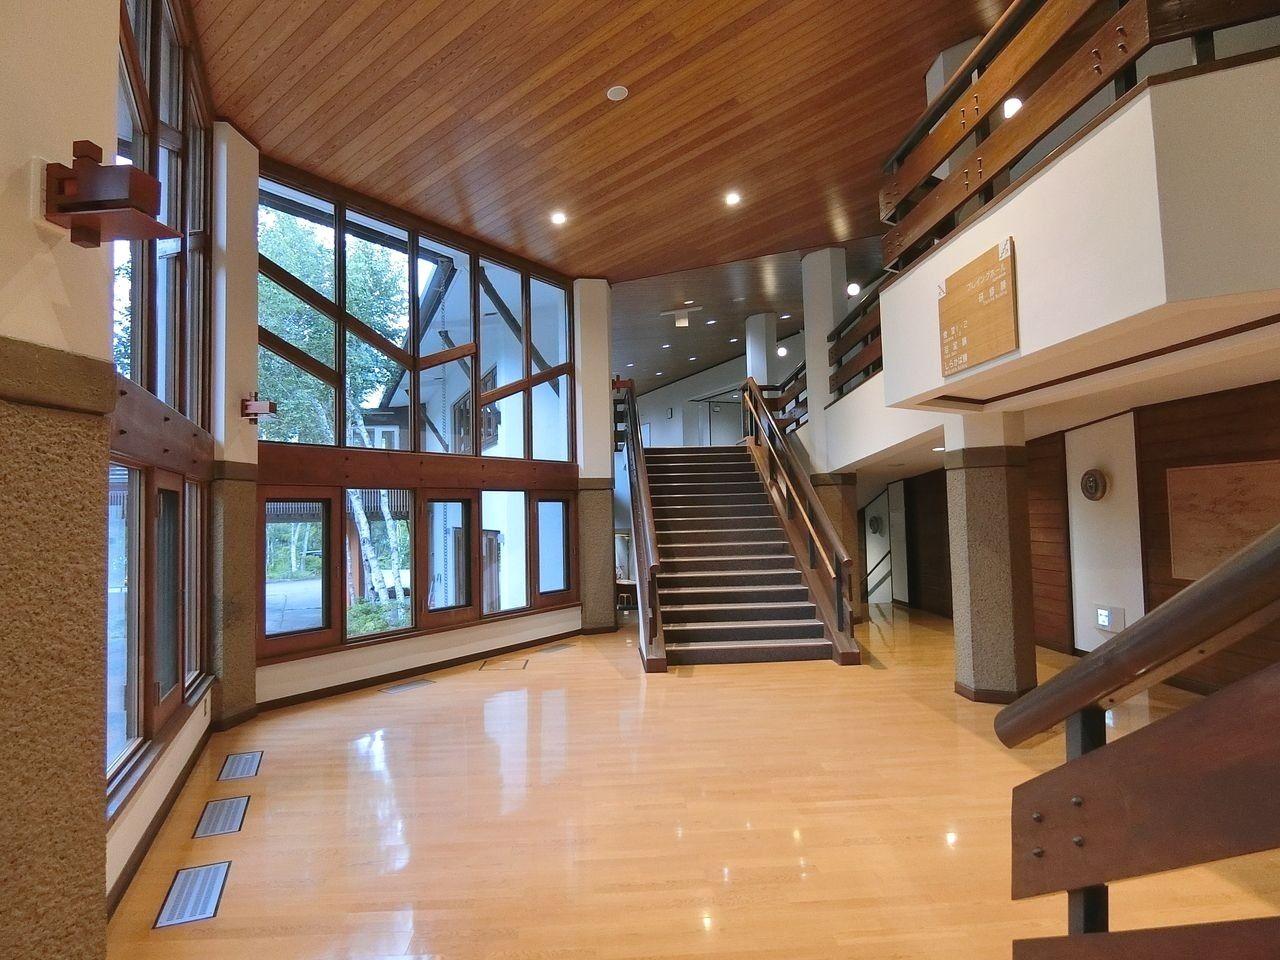 板橋区立八ヶ岳荘の団体用入口